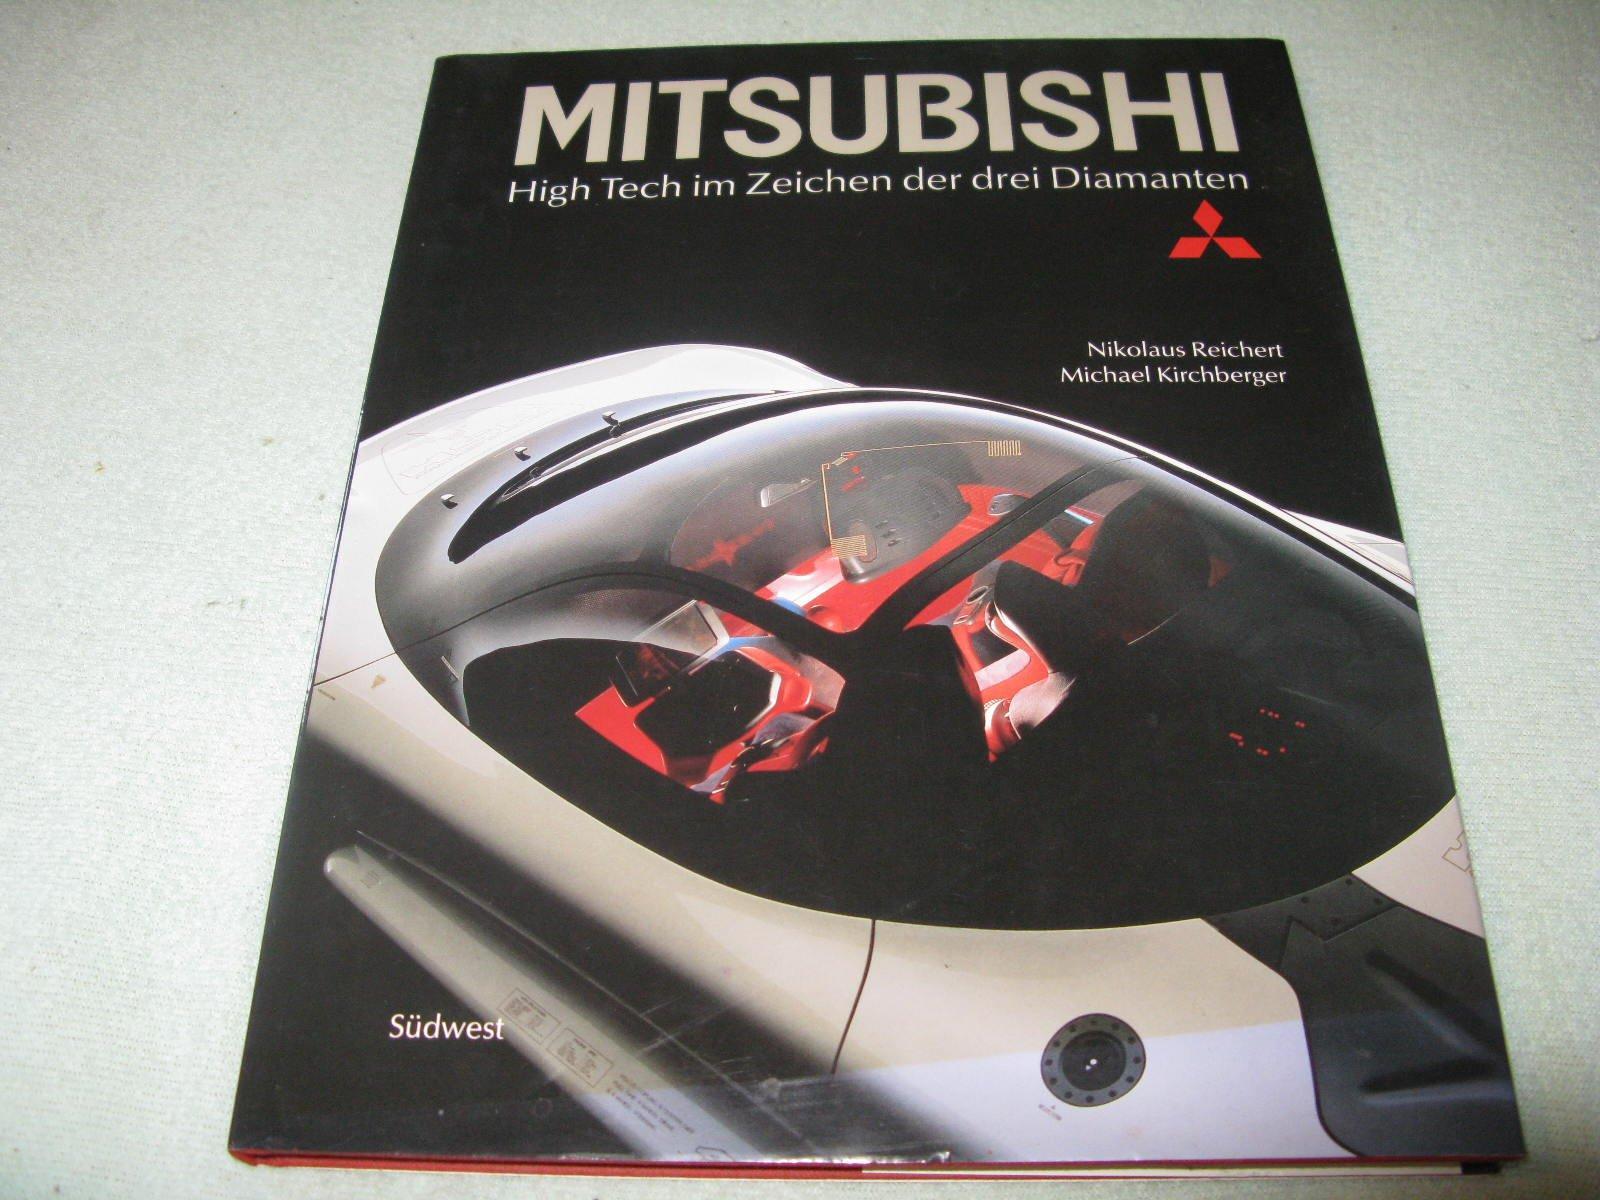 Mitsubishi. High Tech im Zeichen der drei Diamanten